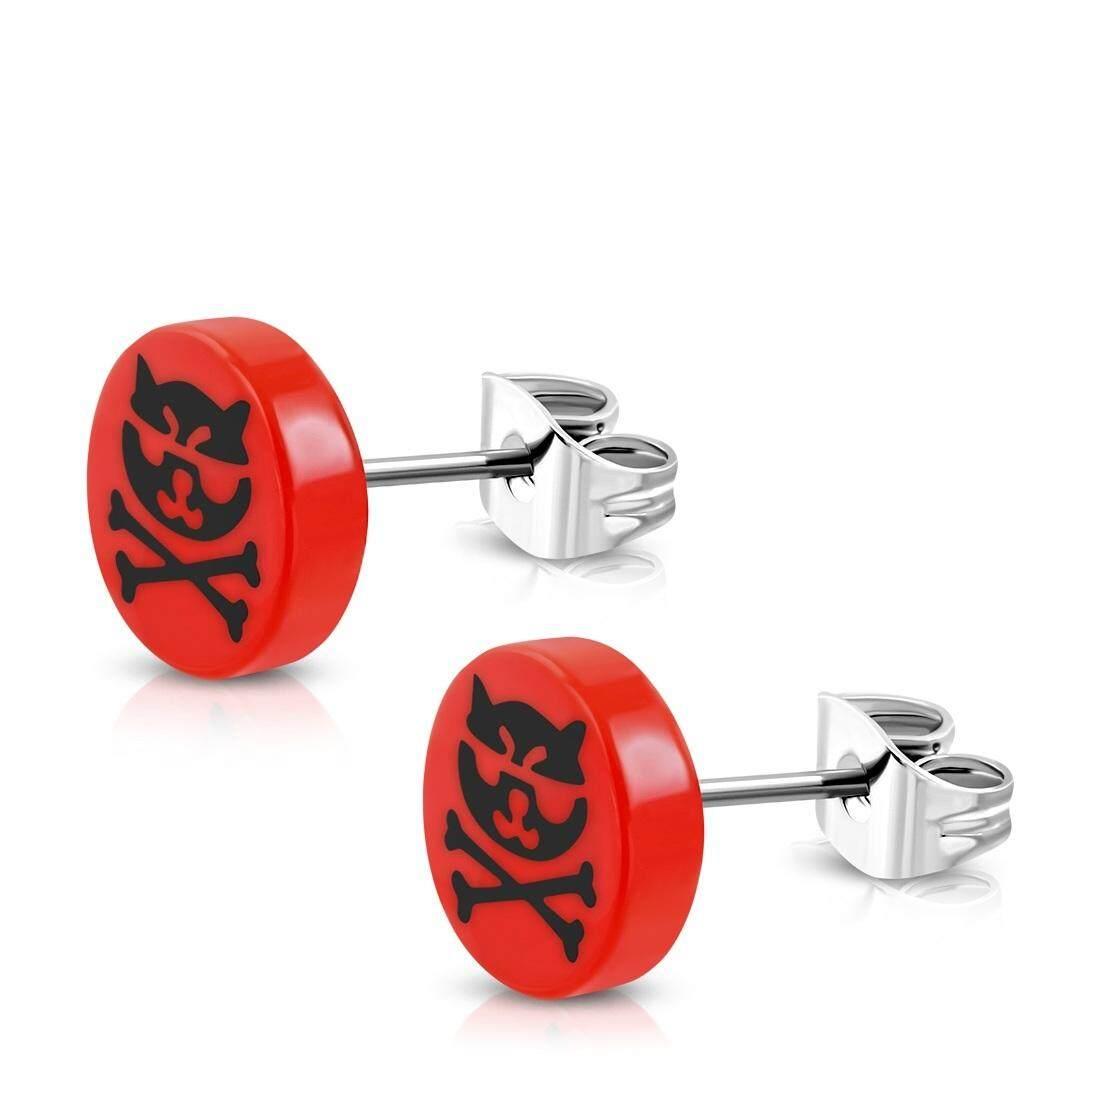 10 มมสแตนเลสสตีลสตั๊ด W / Red อะคริลิค 3 โทน Crossbones แมววงกลมวงกลมวงเล็บ (คู่) By Pro Jewelry.